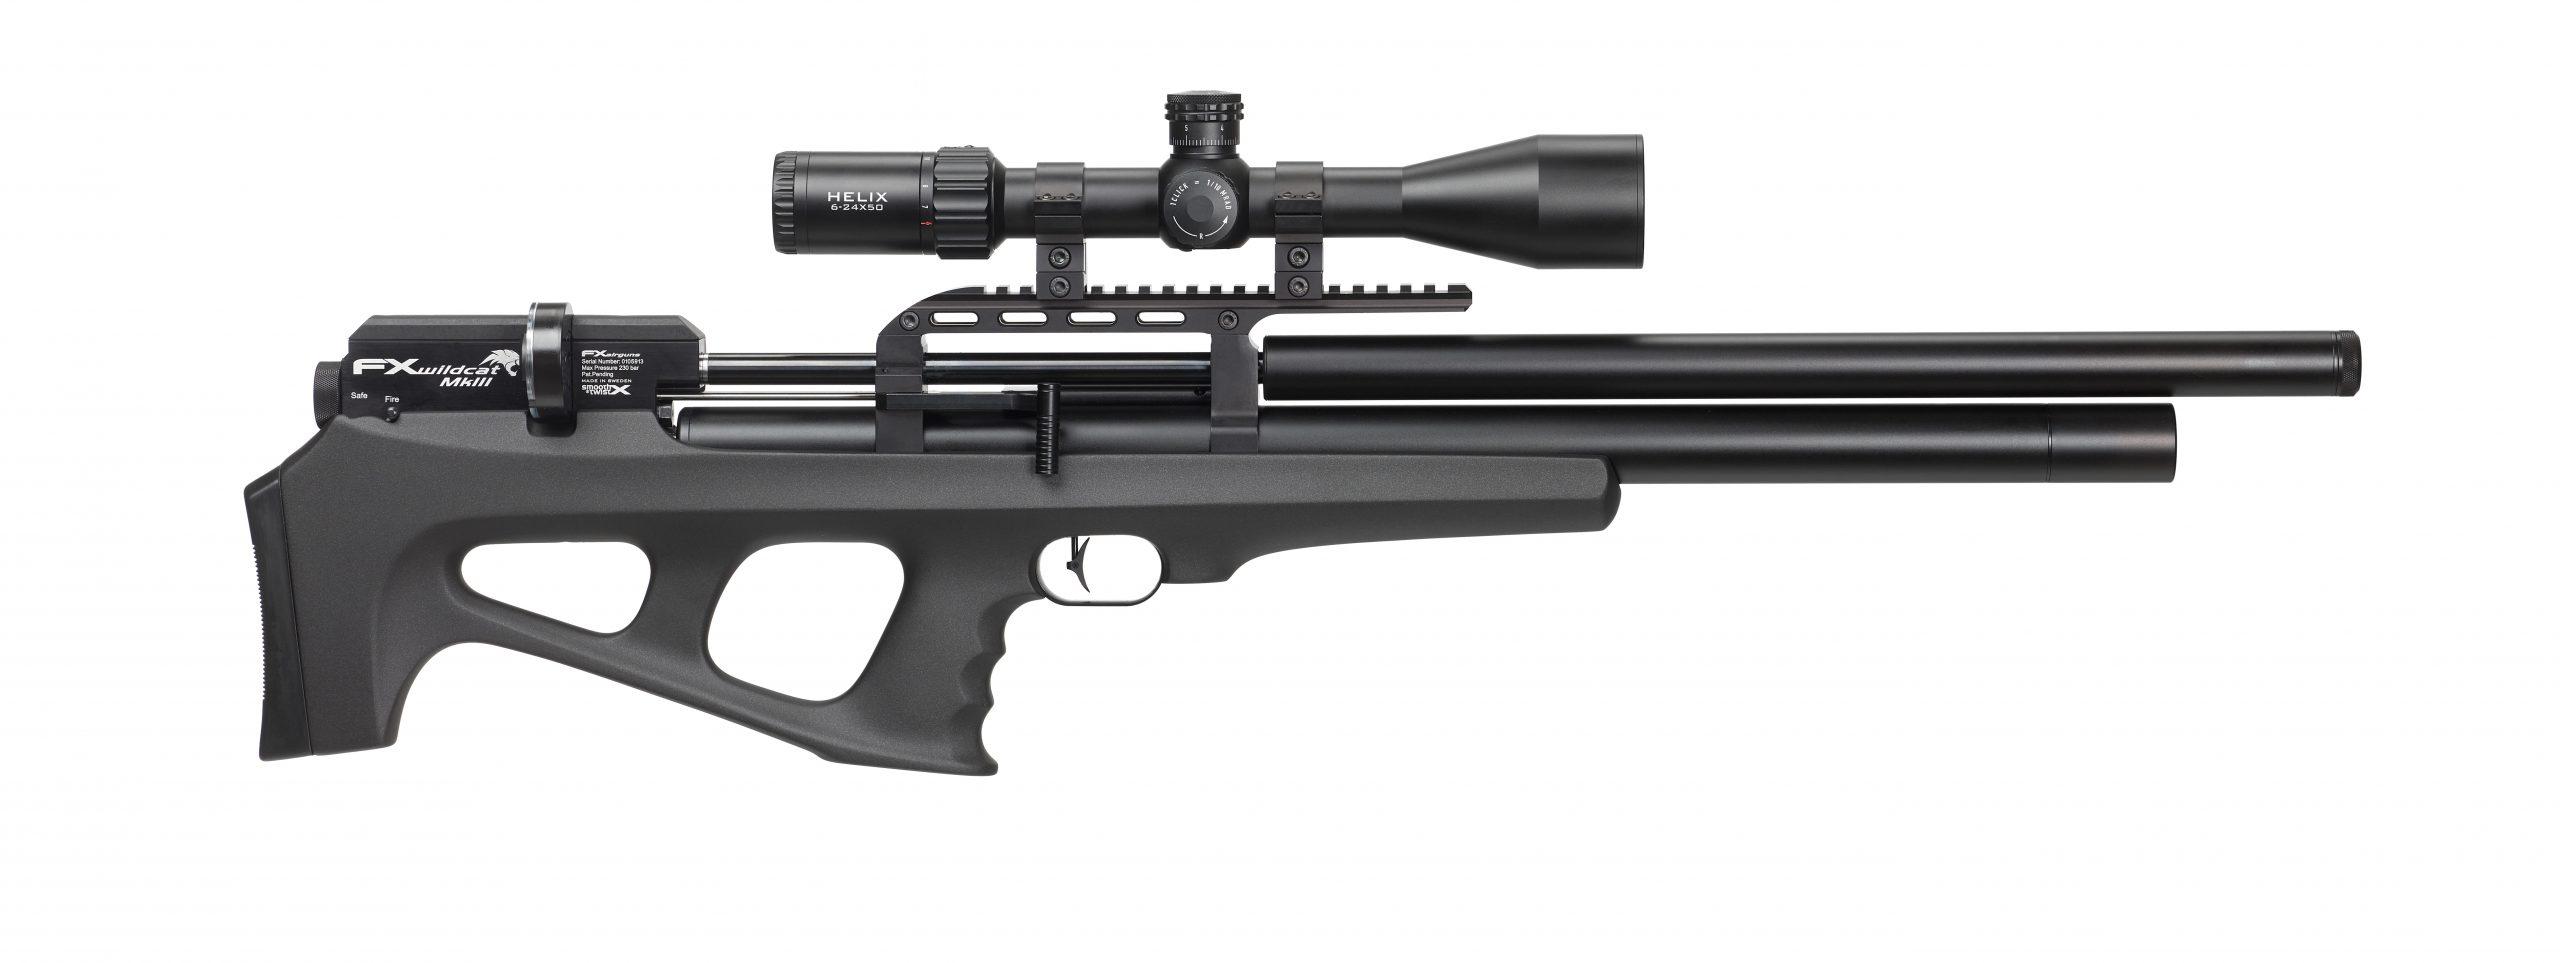 Wildcat MK 3 Sniper